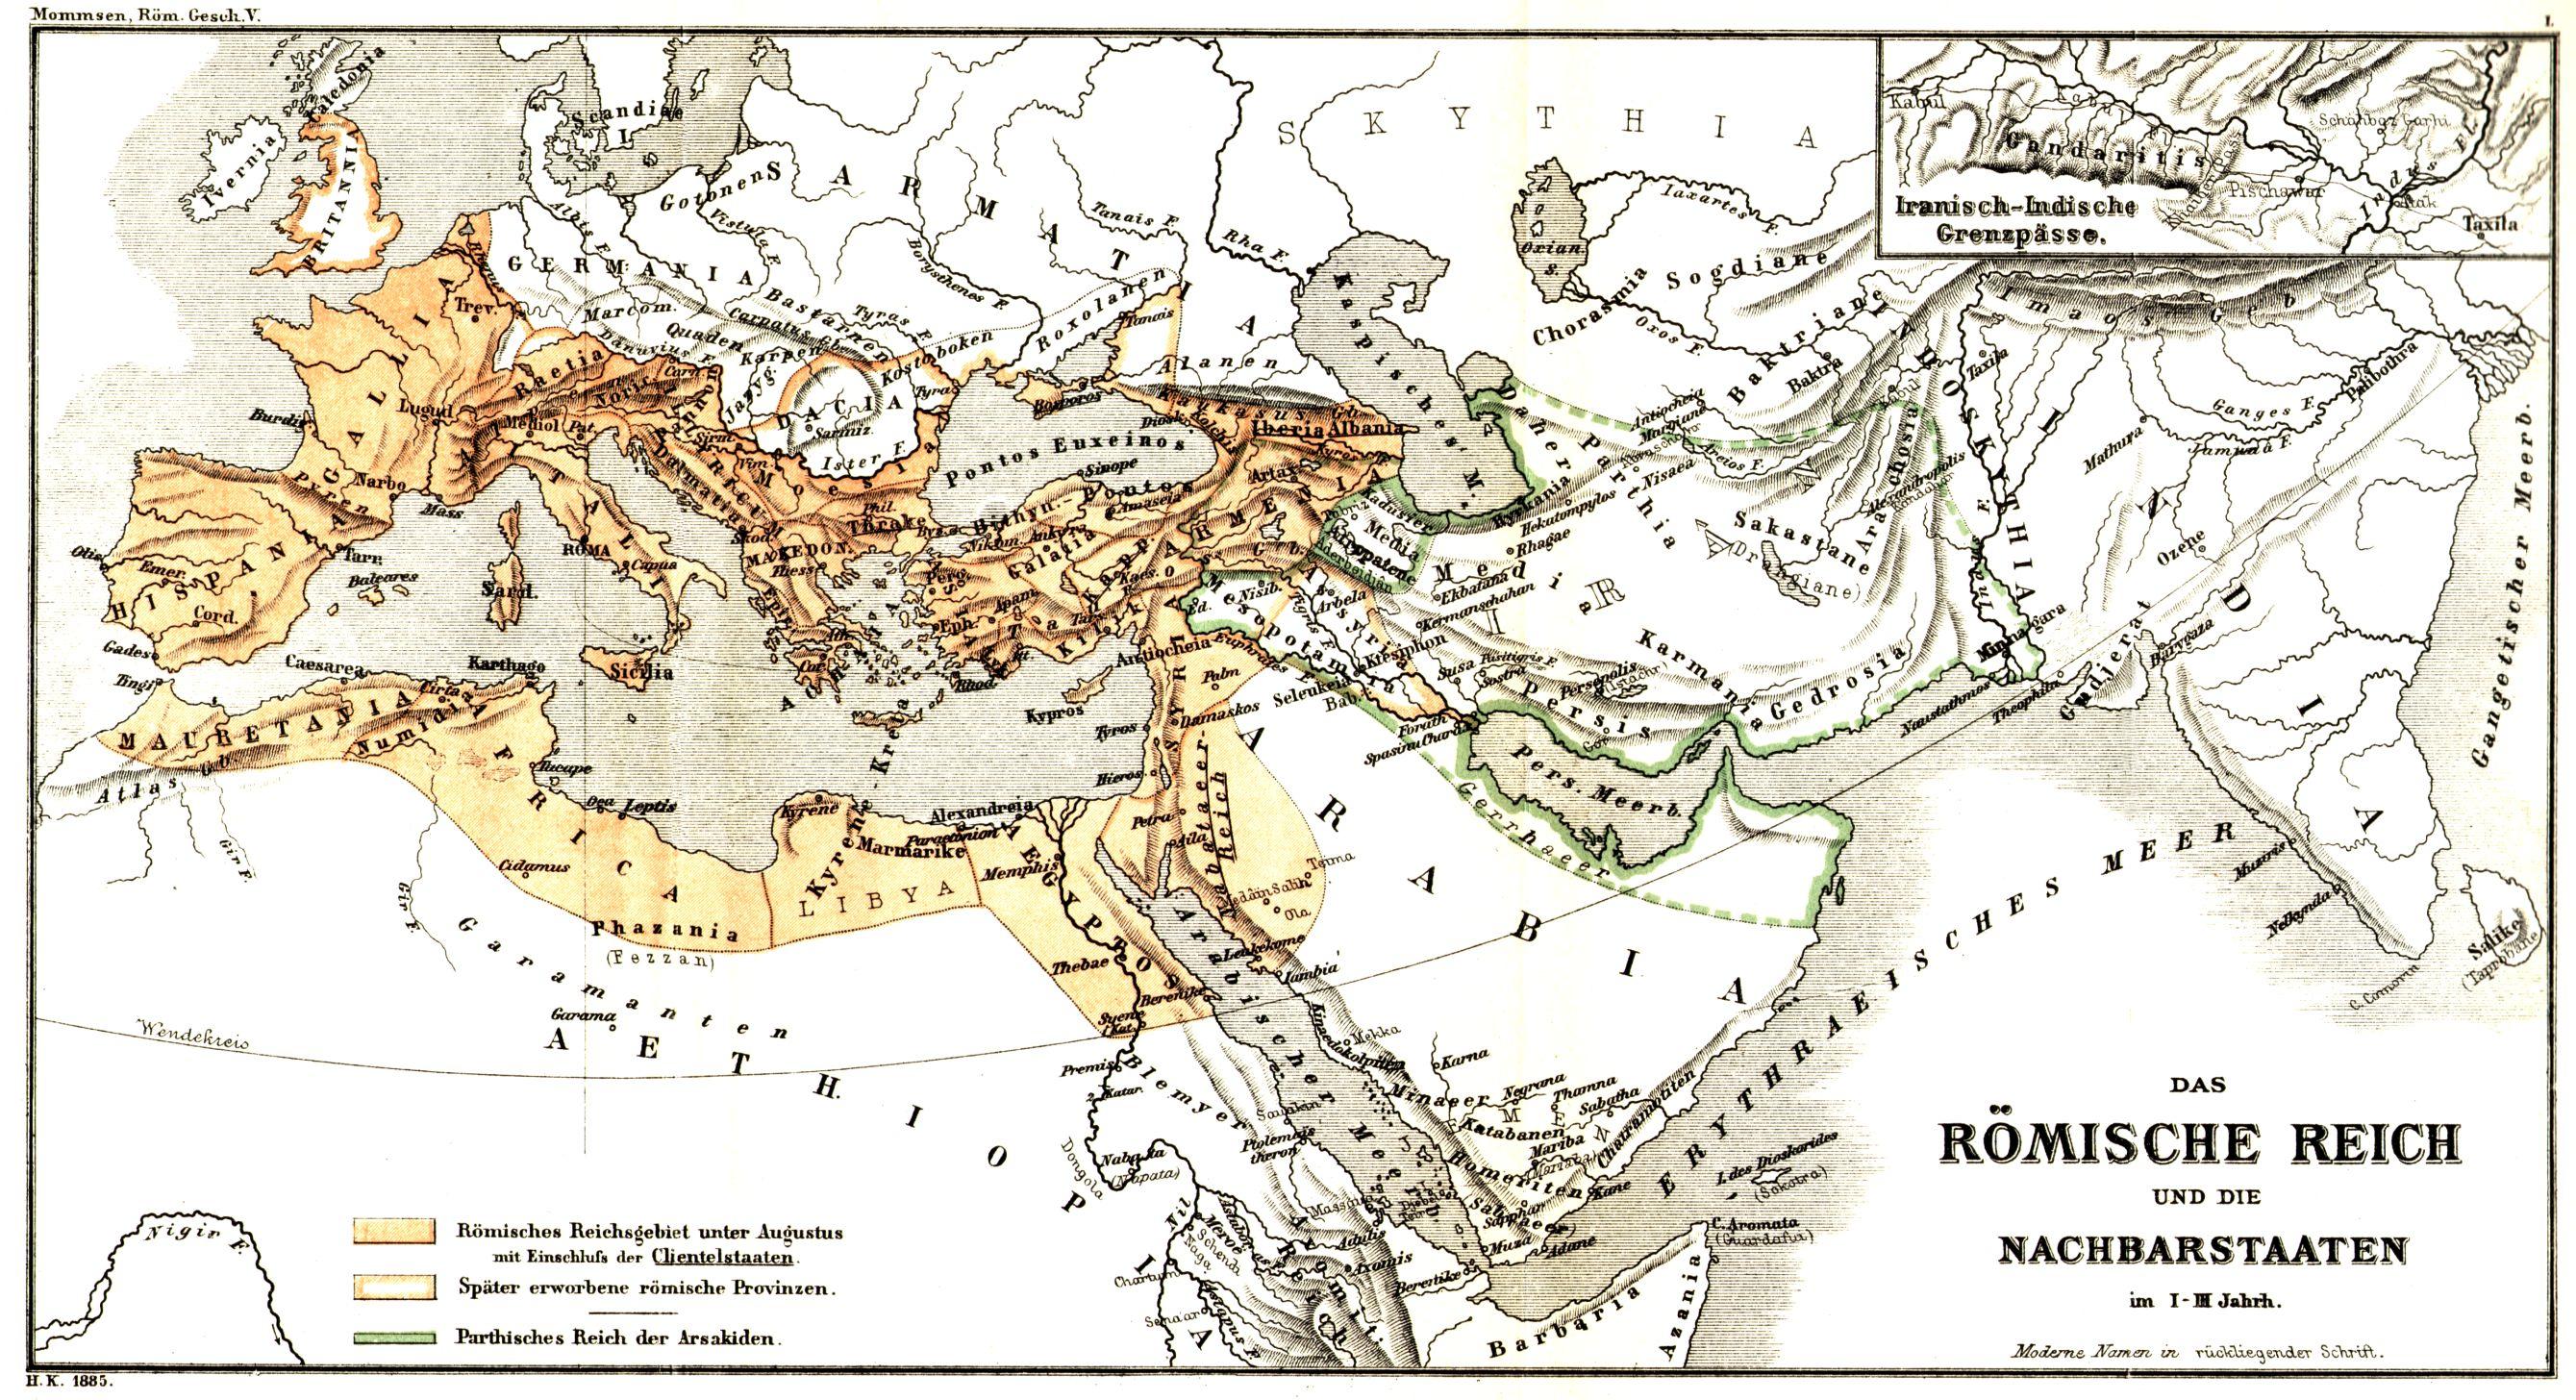 römisches reich karte Das Römische Reich und die Nachbarstaaten im I.   III. Jahrh